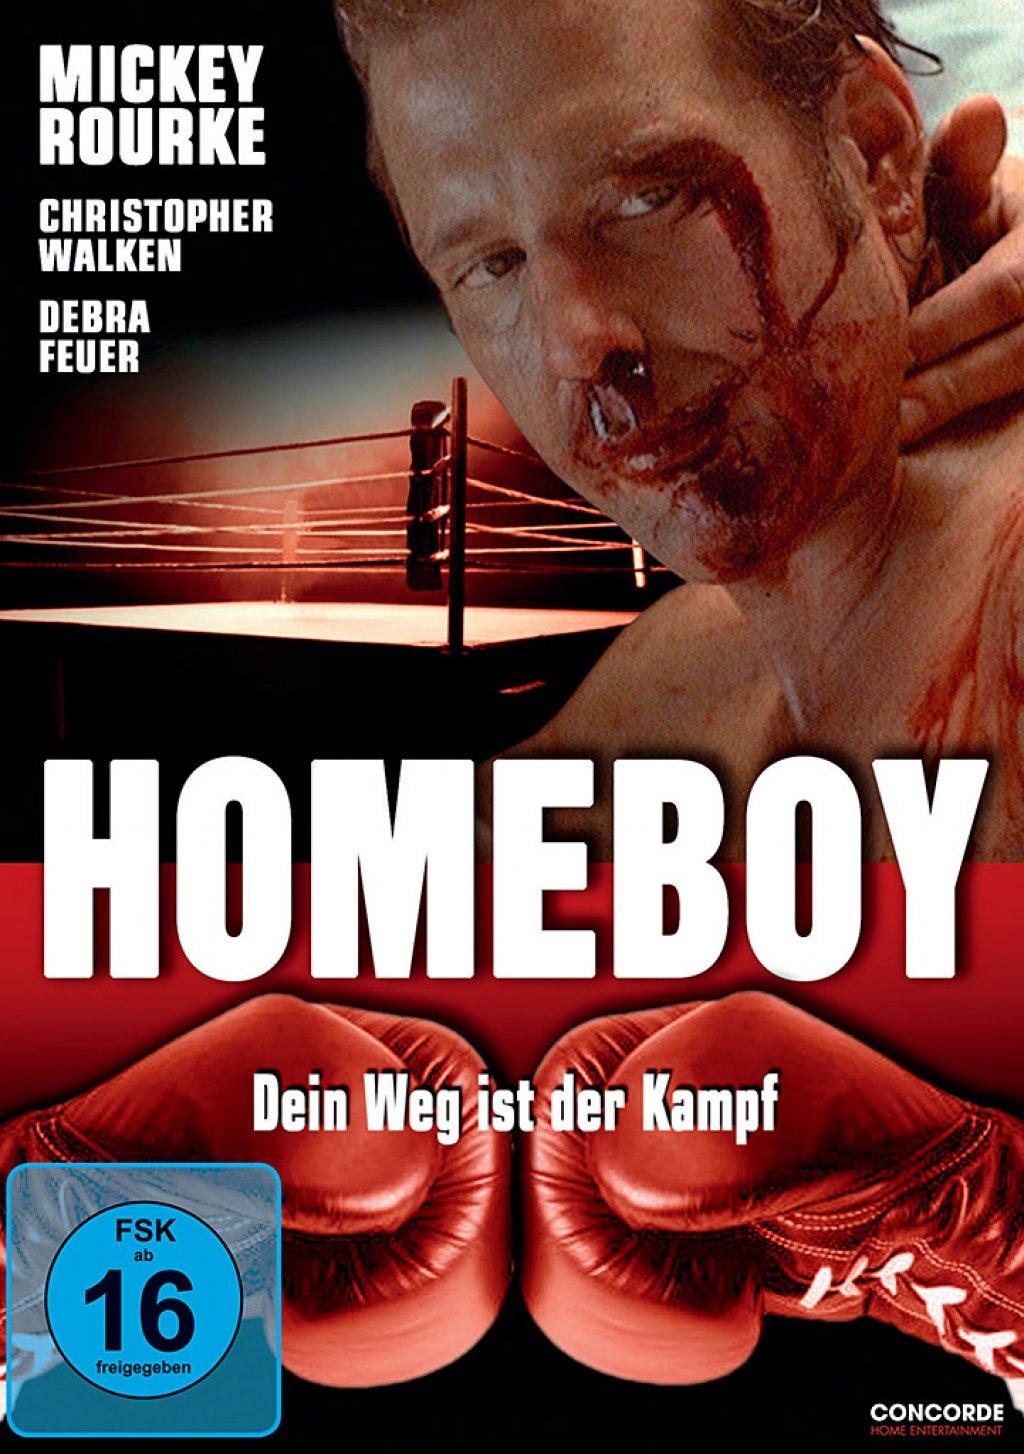 Homeboy - Dein Weg ist der Kampf! (DVD)